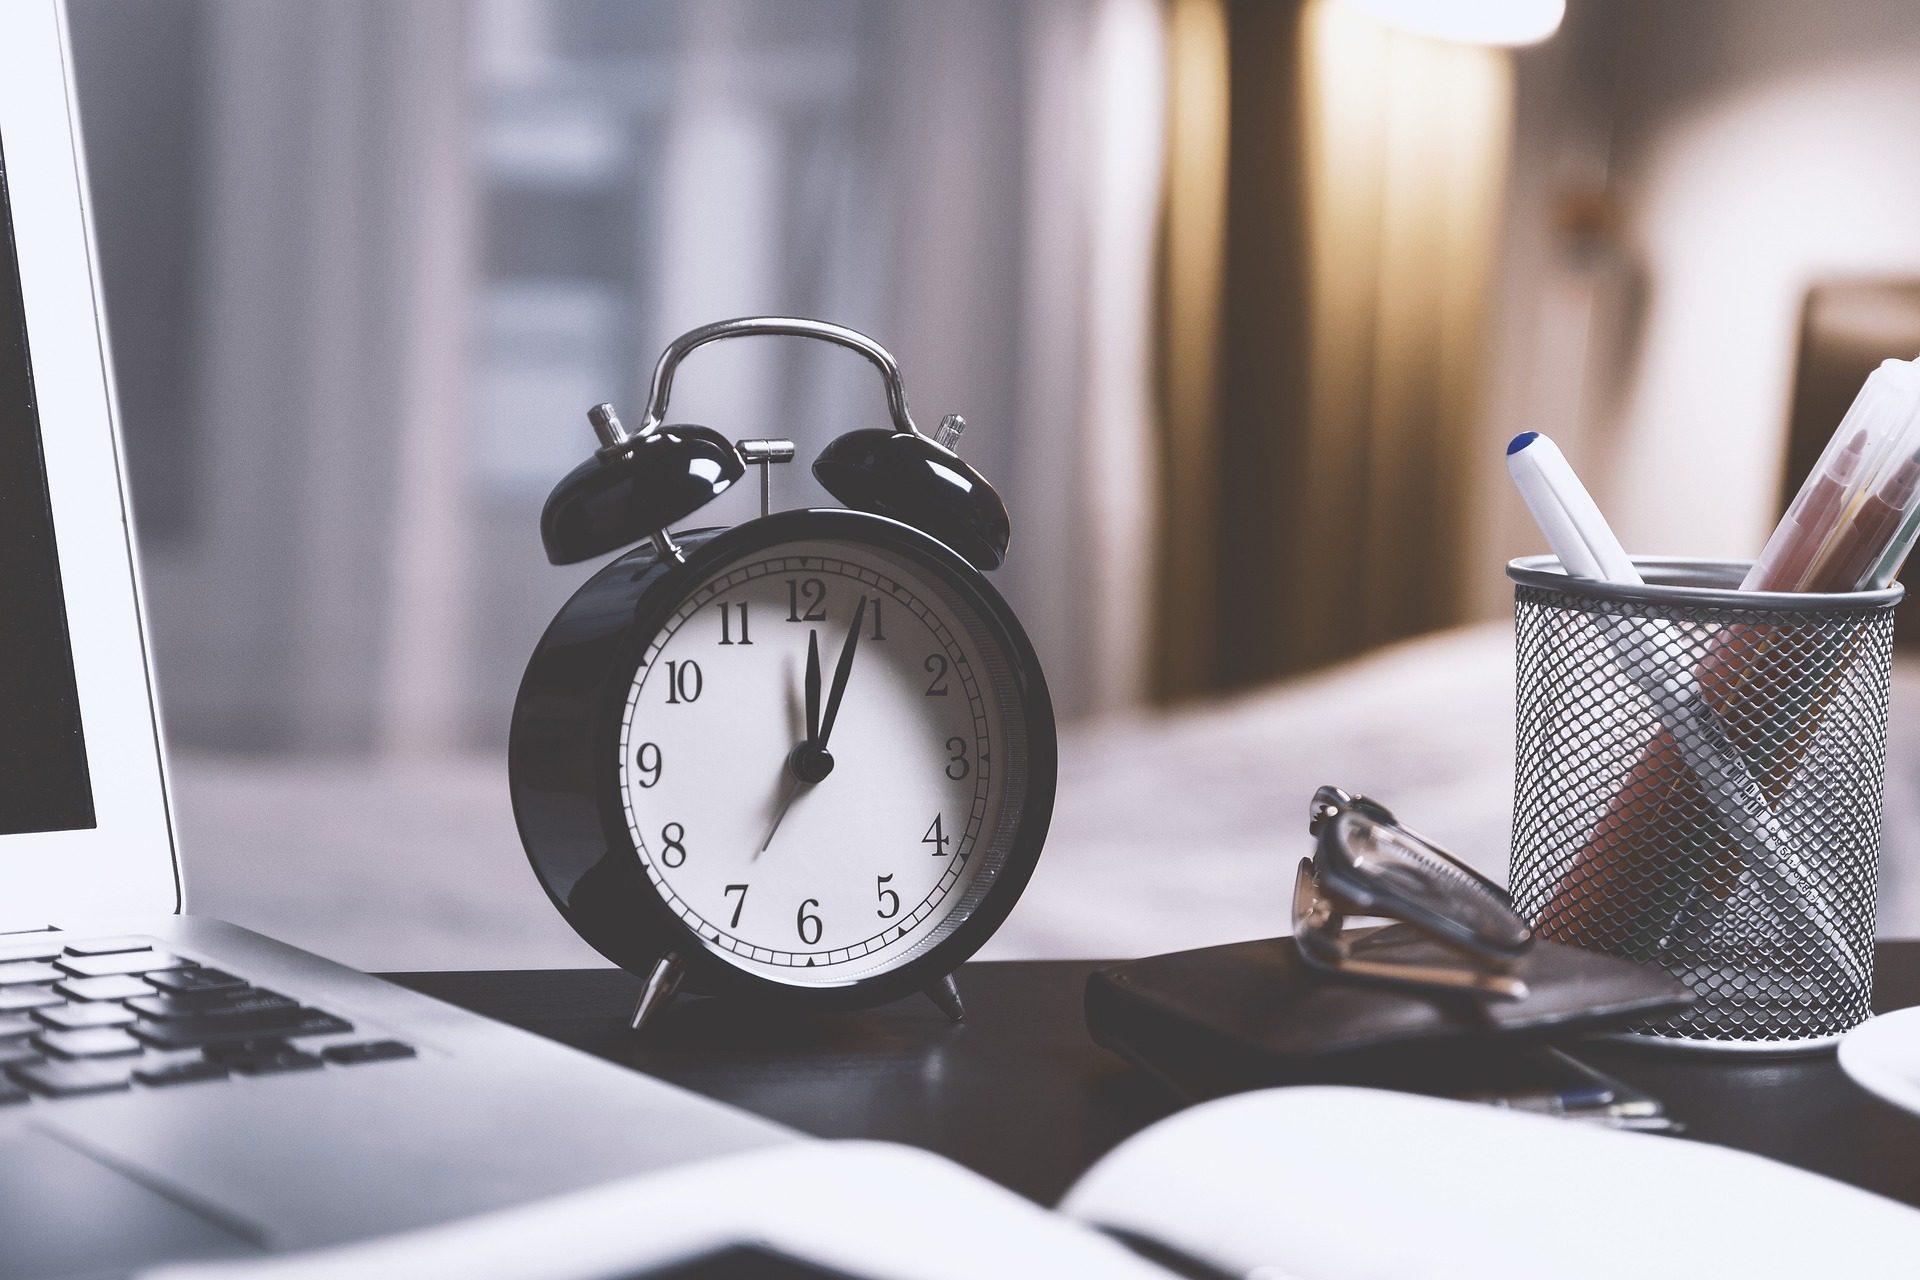 Uhr, Wecker, hora, Zeit, Büro - Wallpaper HD - Prof.-falken.com